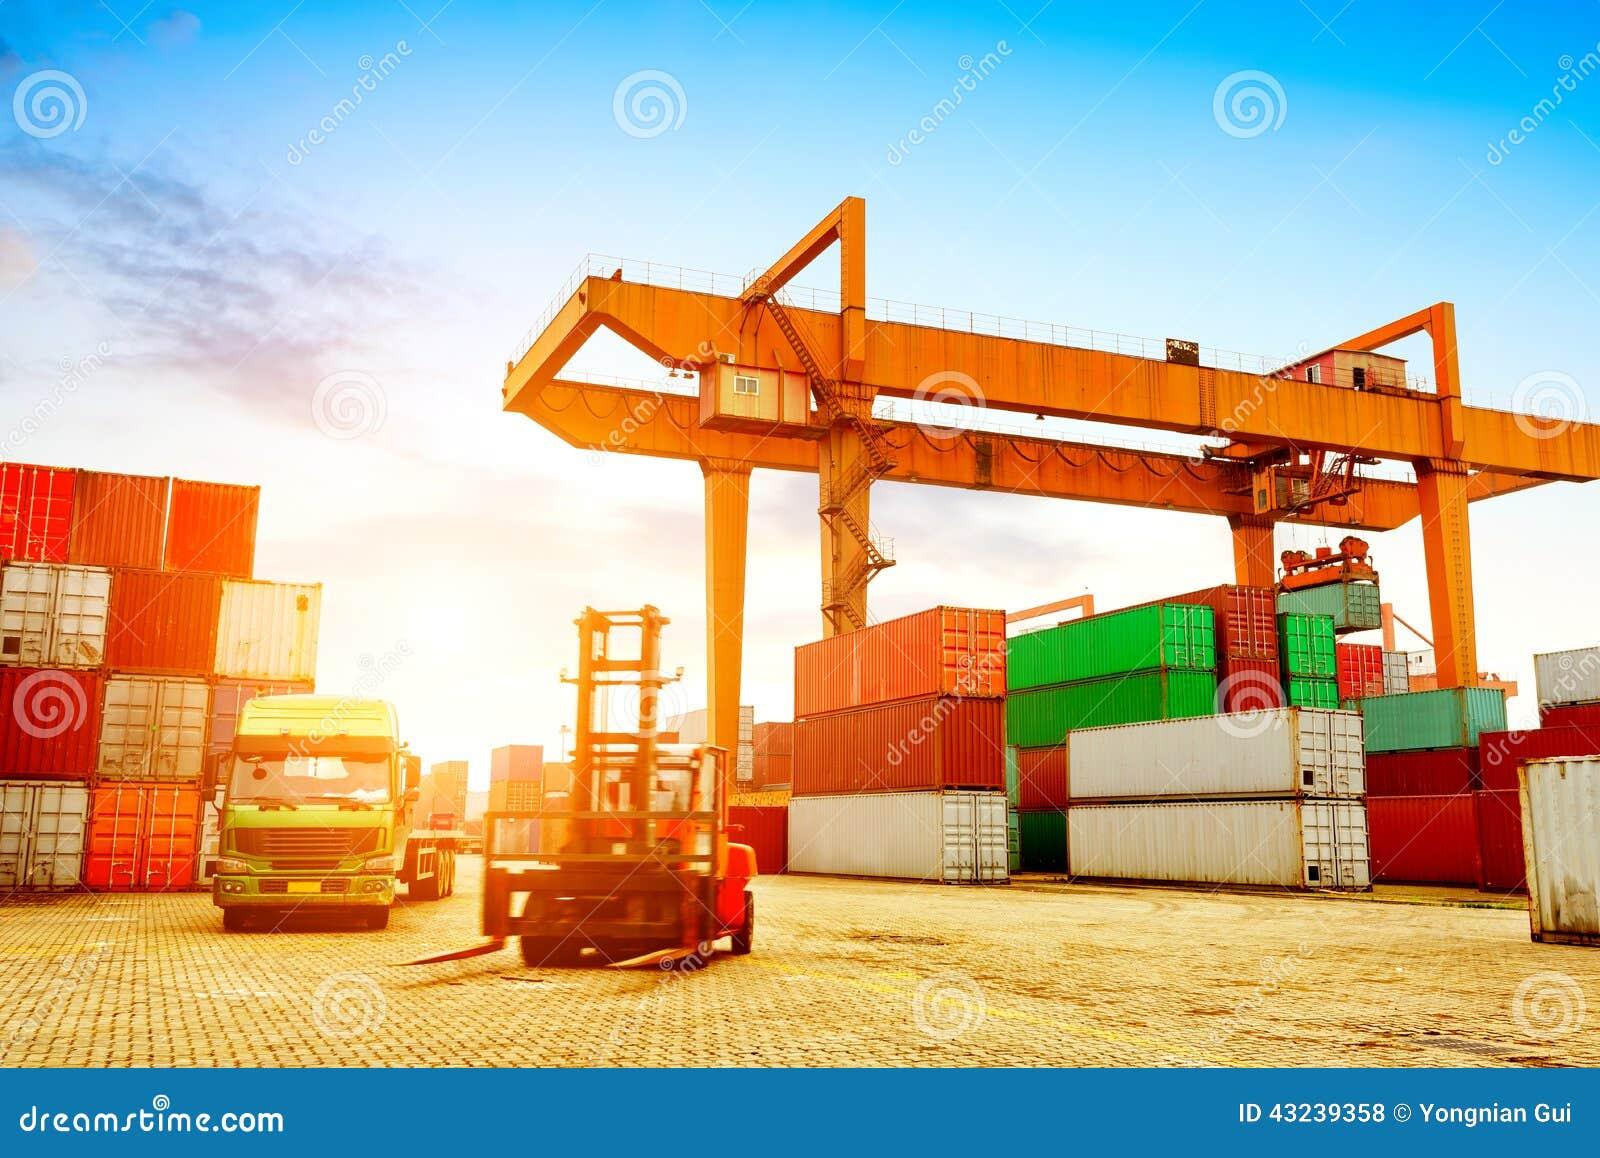 стержень корабля нагрузки контейнеров грузового контейнера огромный большой